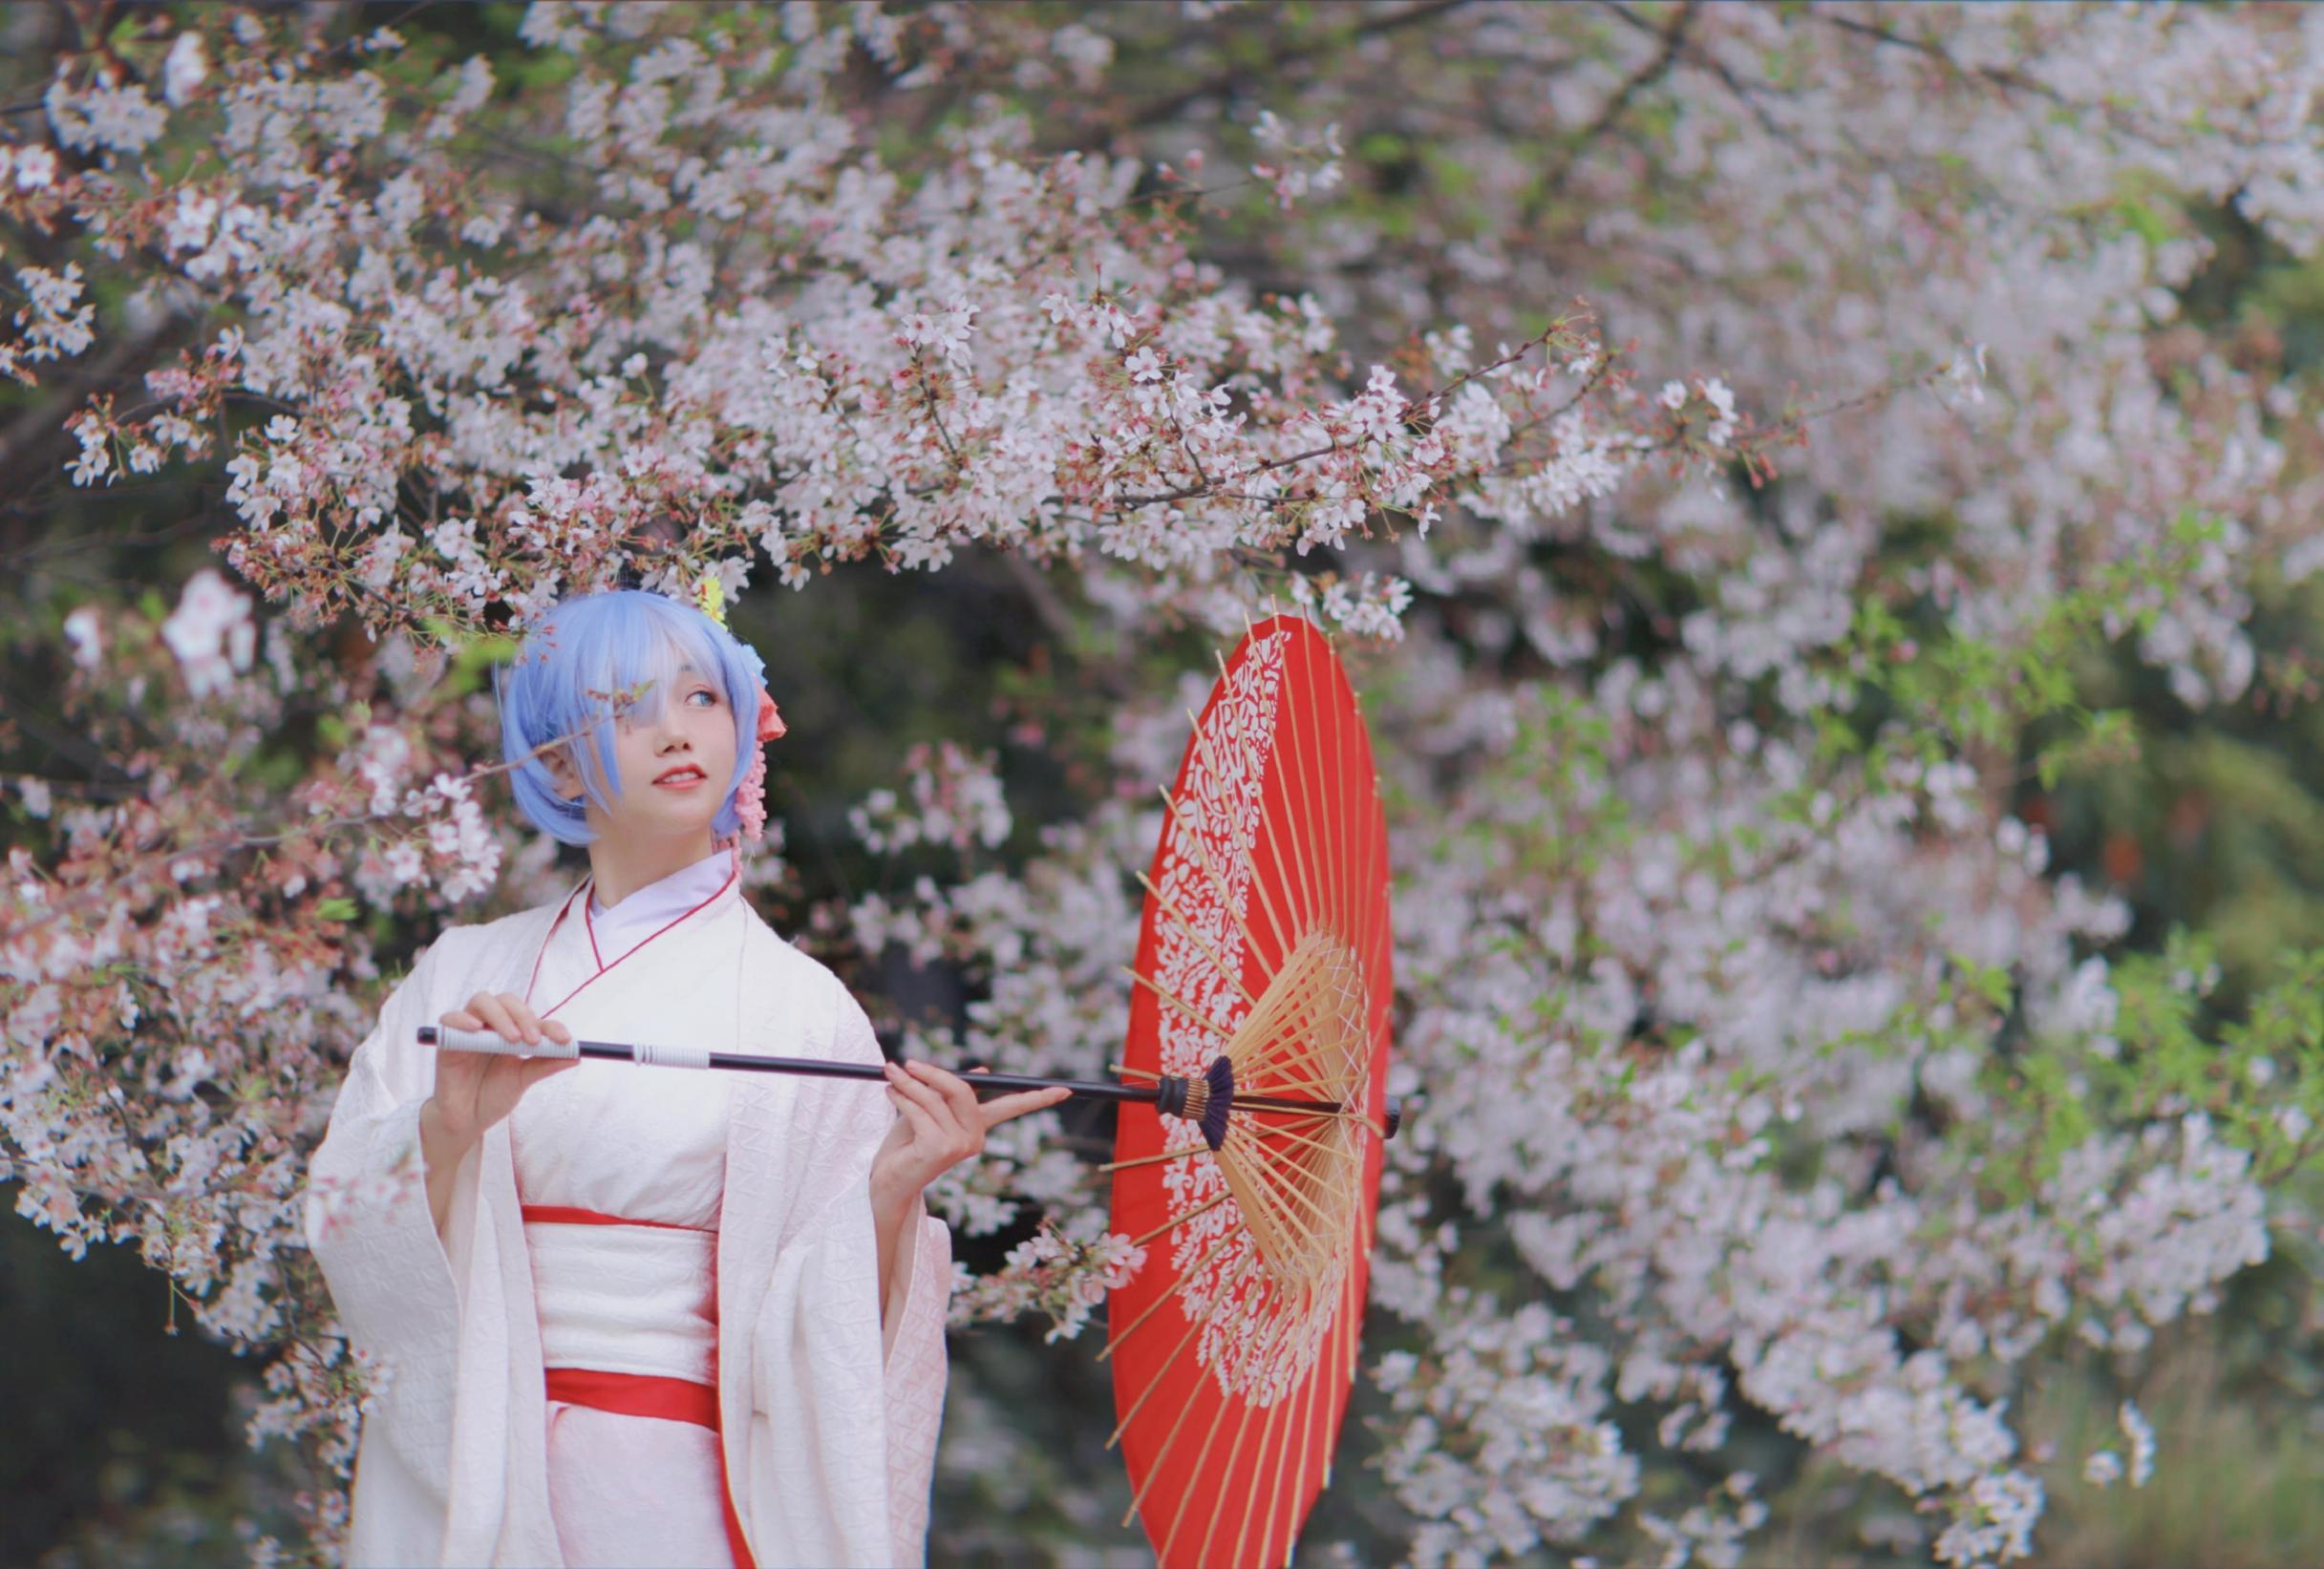 《RE:从零开始的异世界生活》蕾姆cosplay【CN:唐暖别吃了w】-第1张